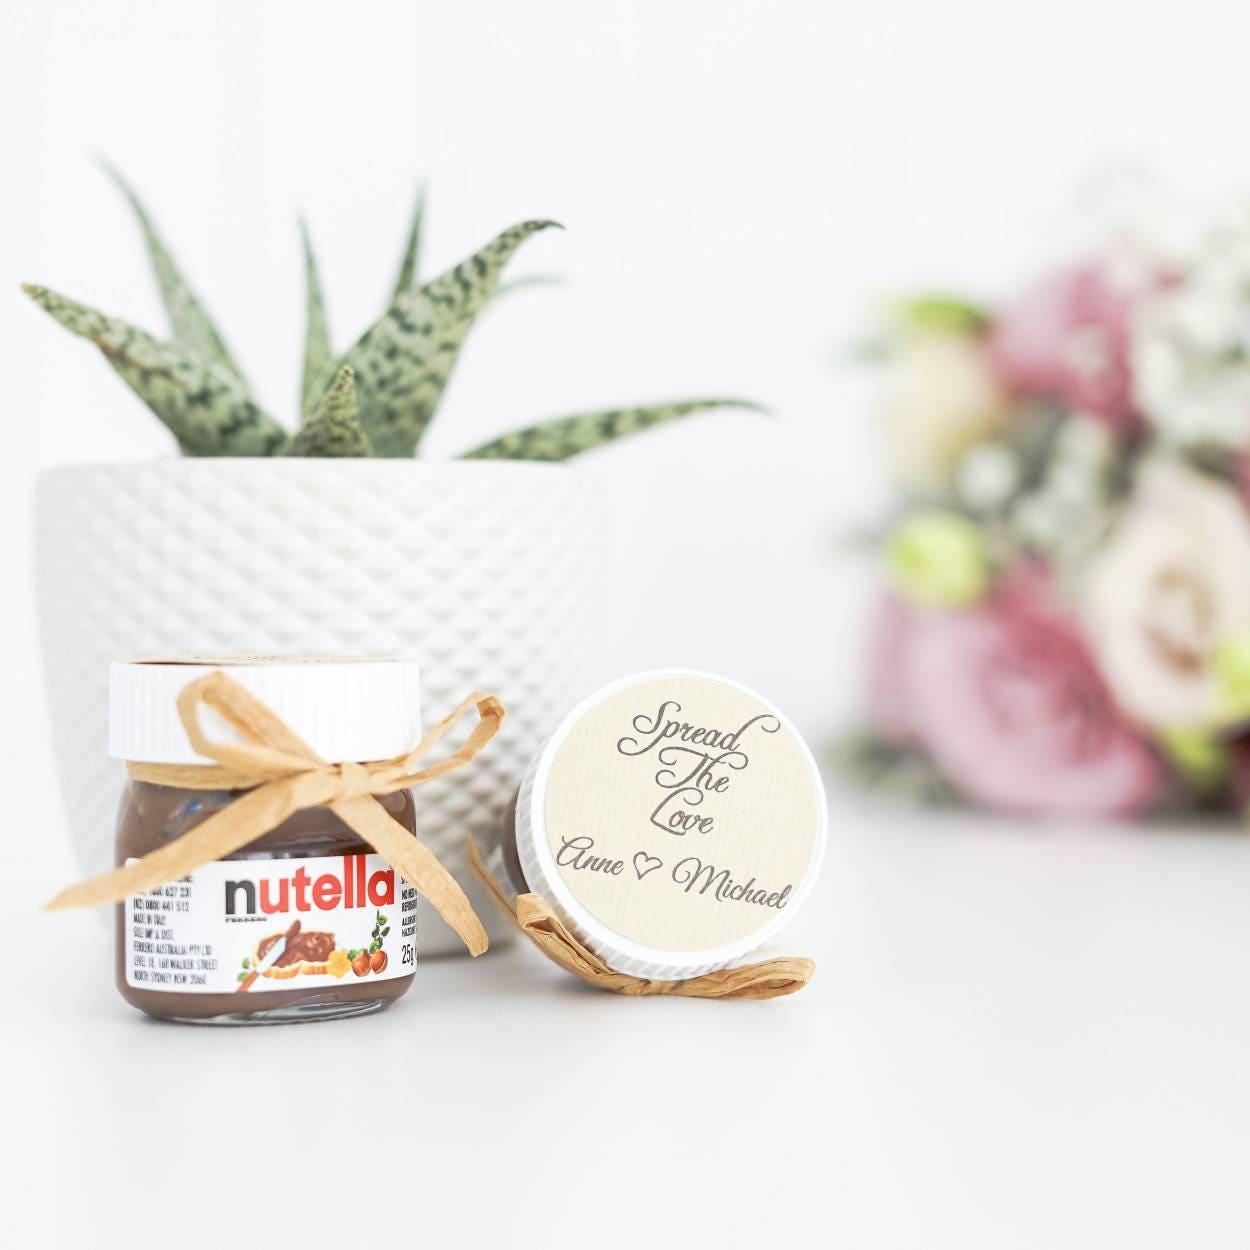 Mini Nutella Spread The Love Unique Favour/ Wedding Favour/